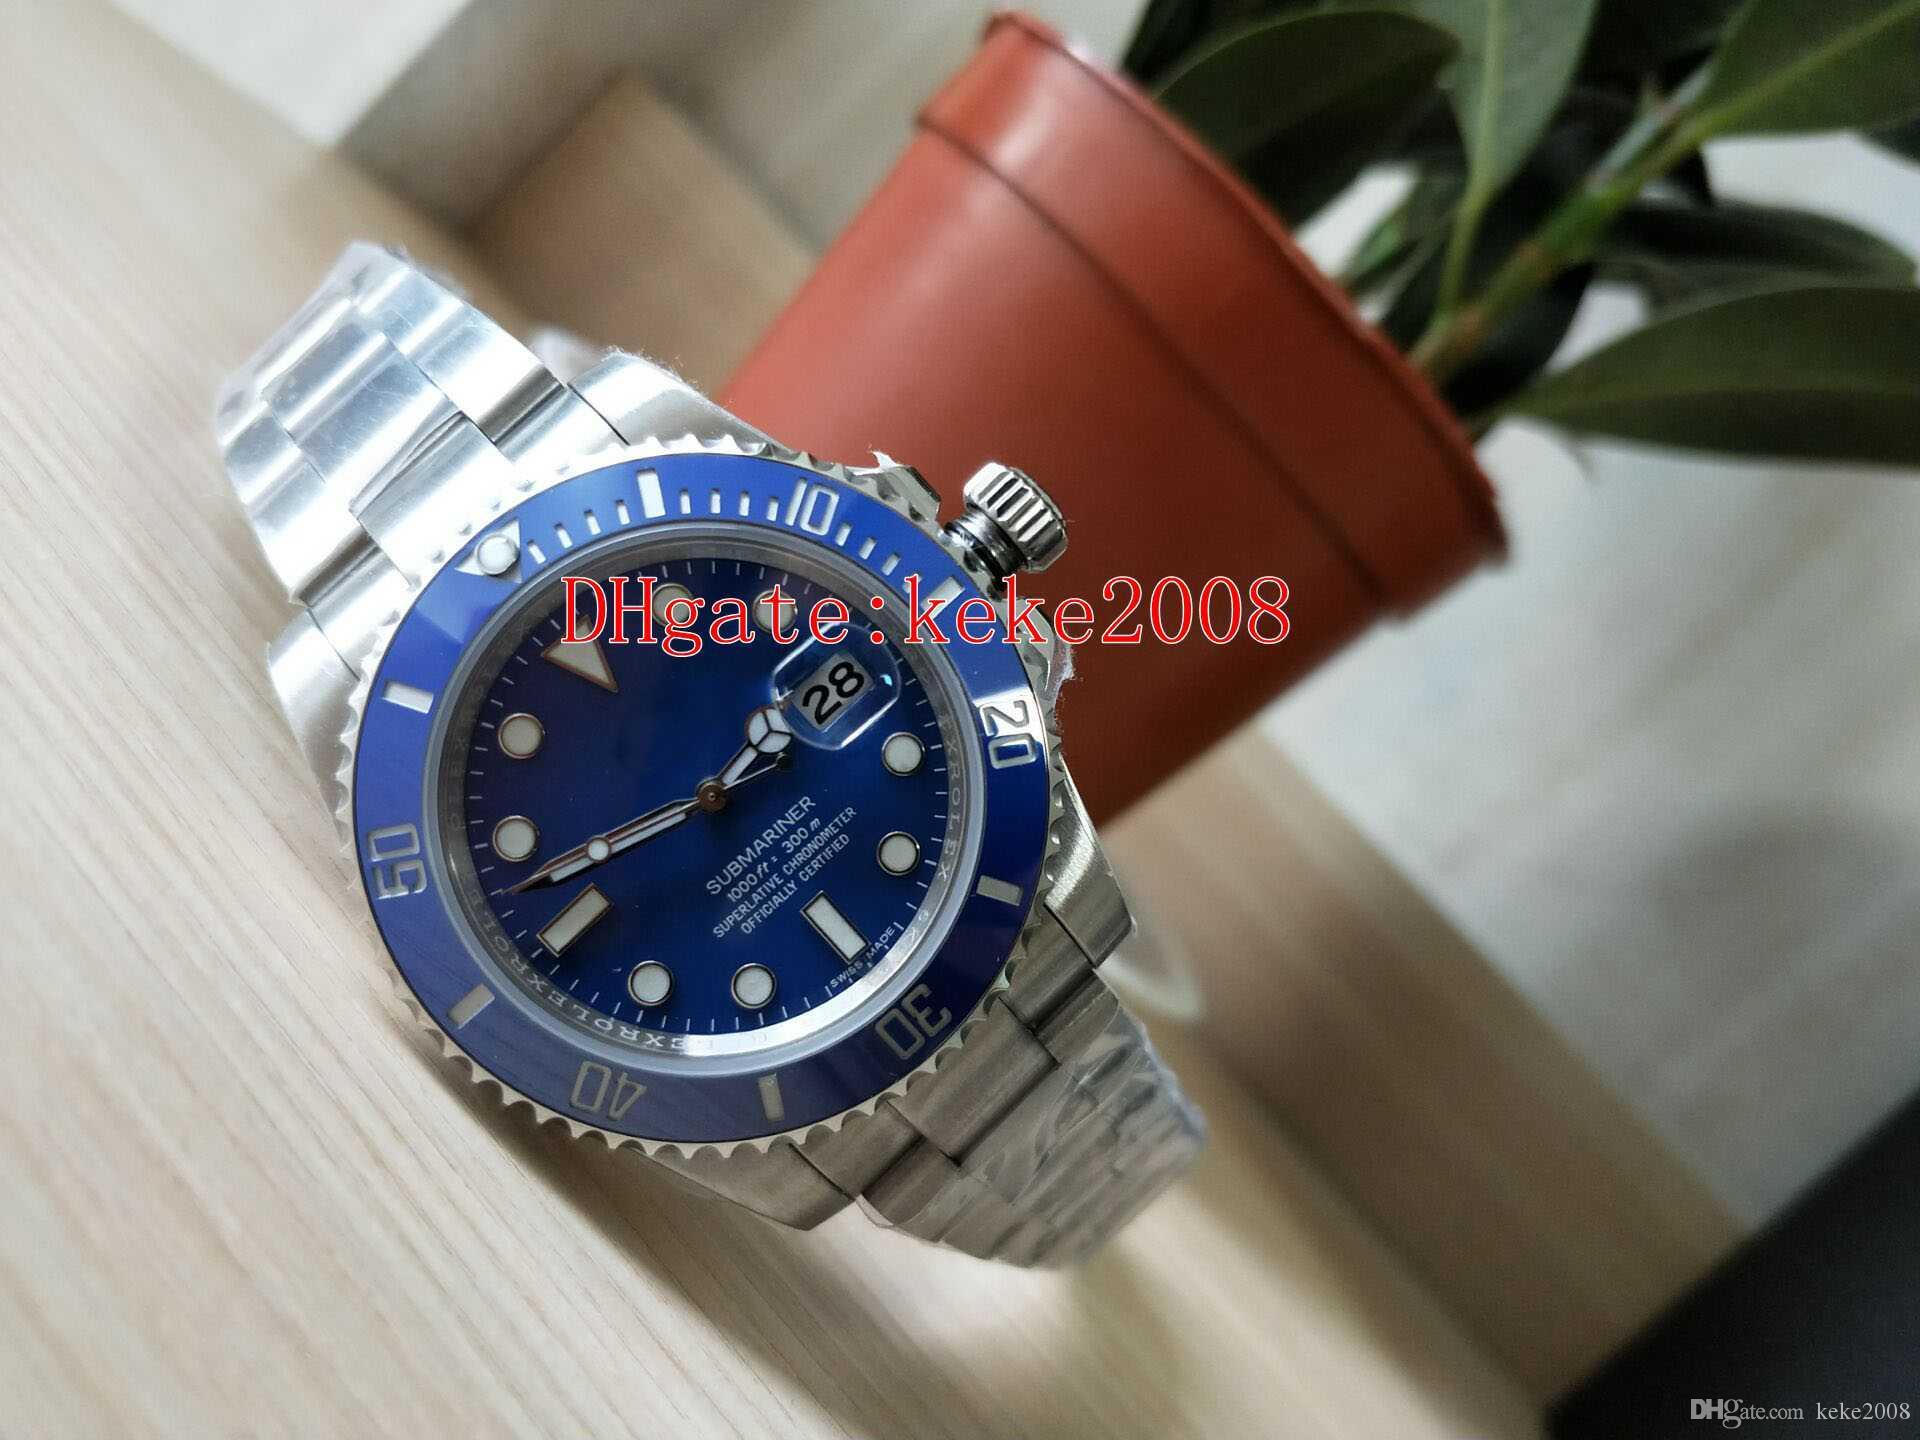 6 estilo de calidad superior para hombre de la fábrica de pulsera BP 116610LN 116610 116619 116613 116613LB 40mm Asia 2813 relojes para hombre reloj Movimiento automático